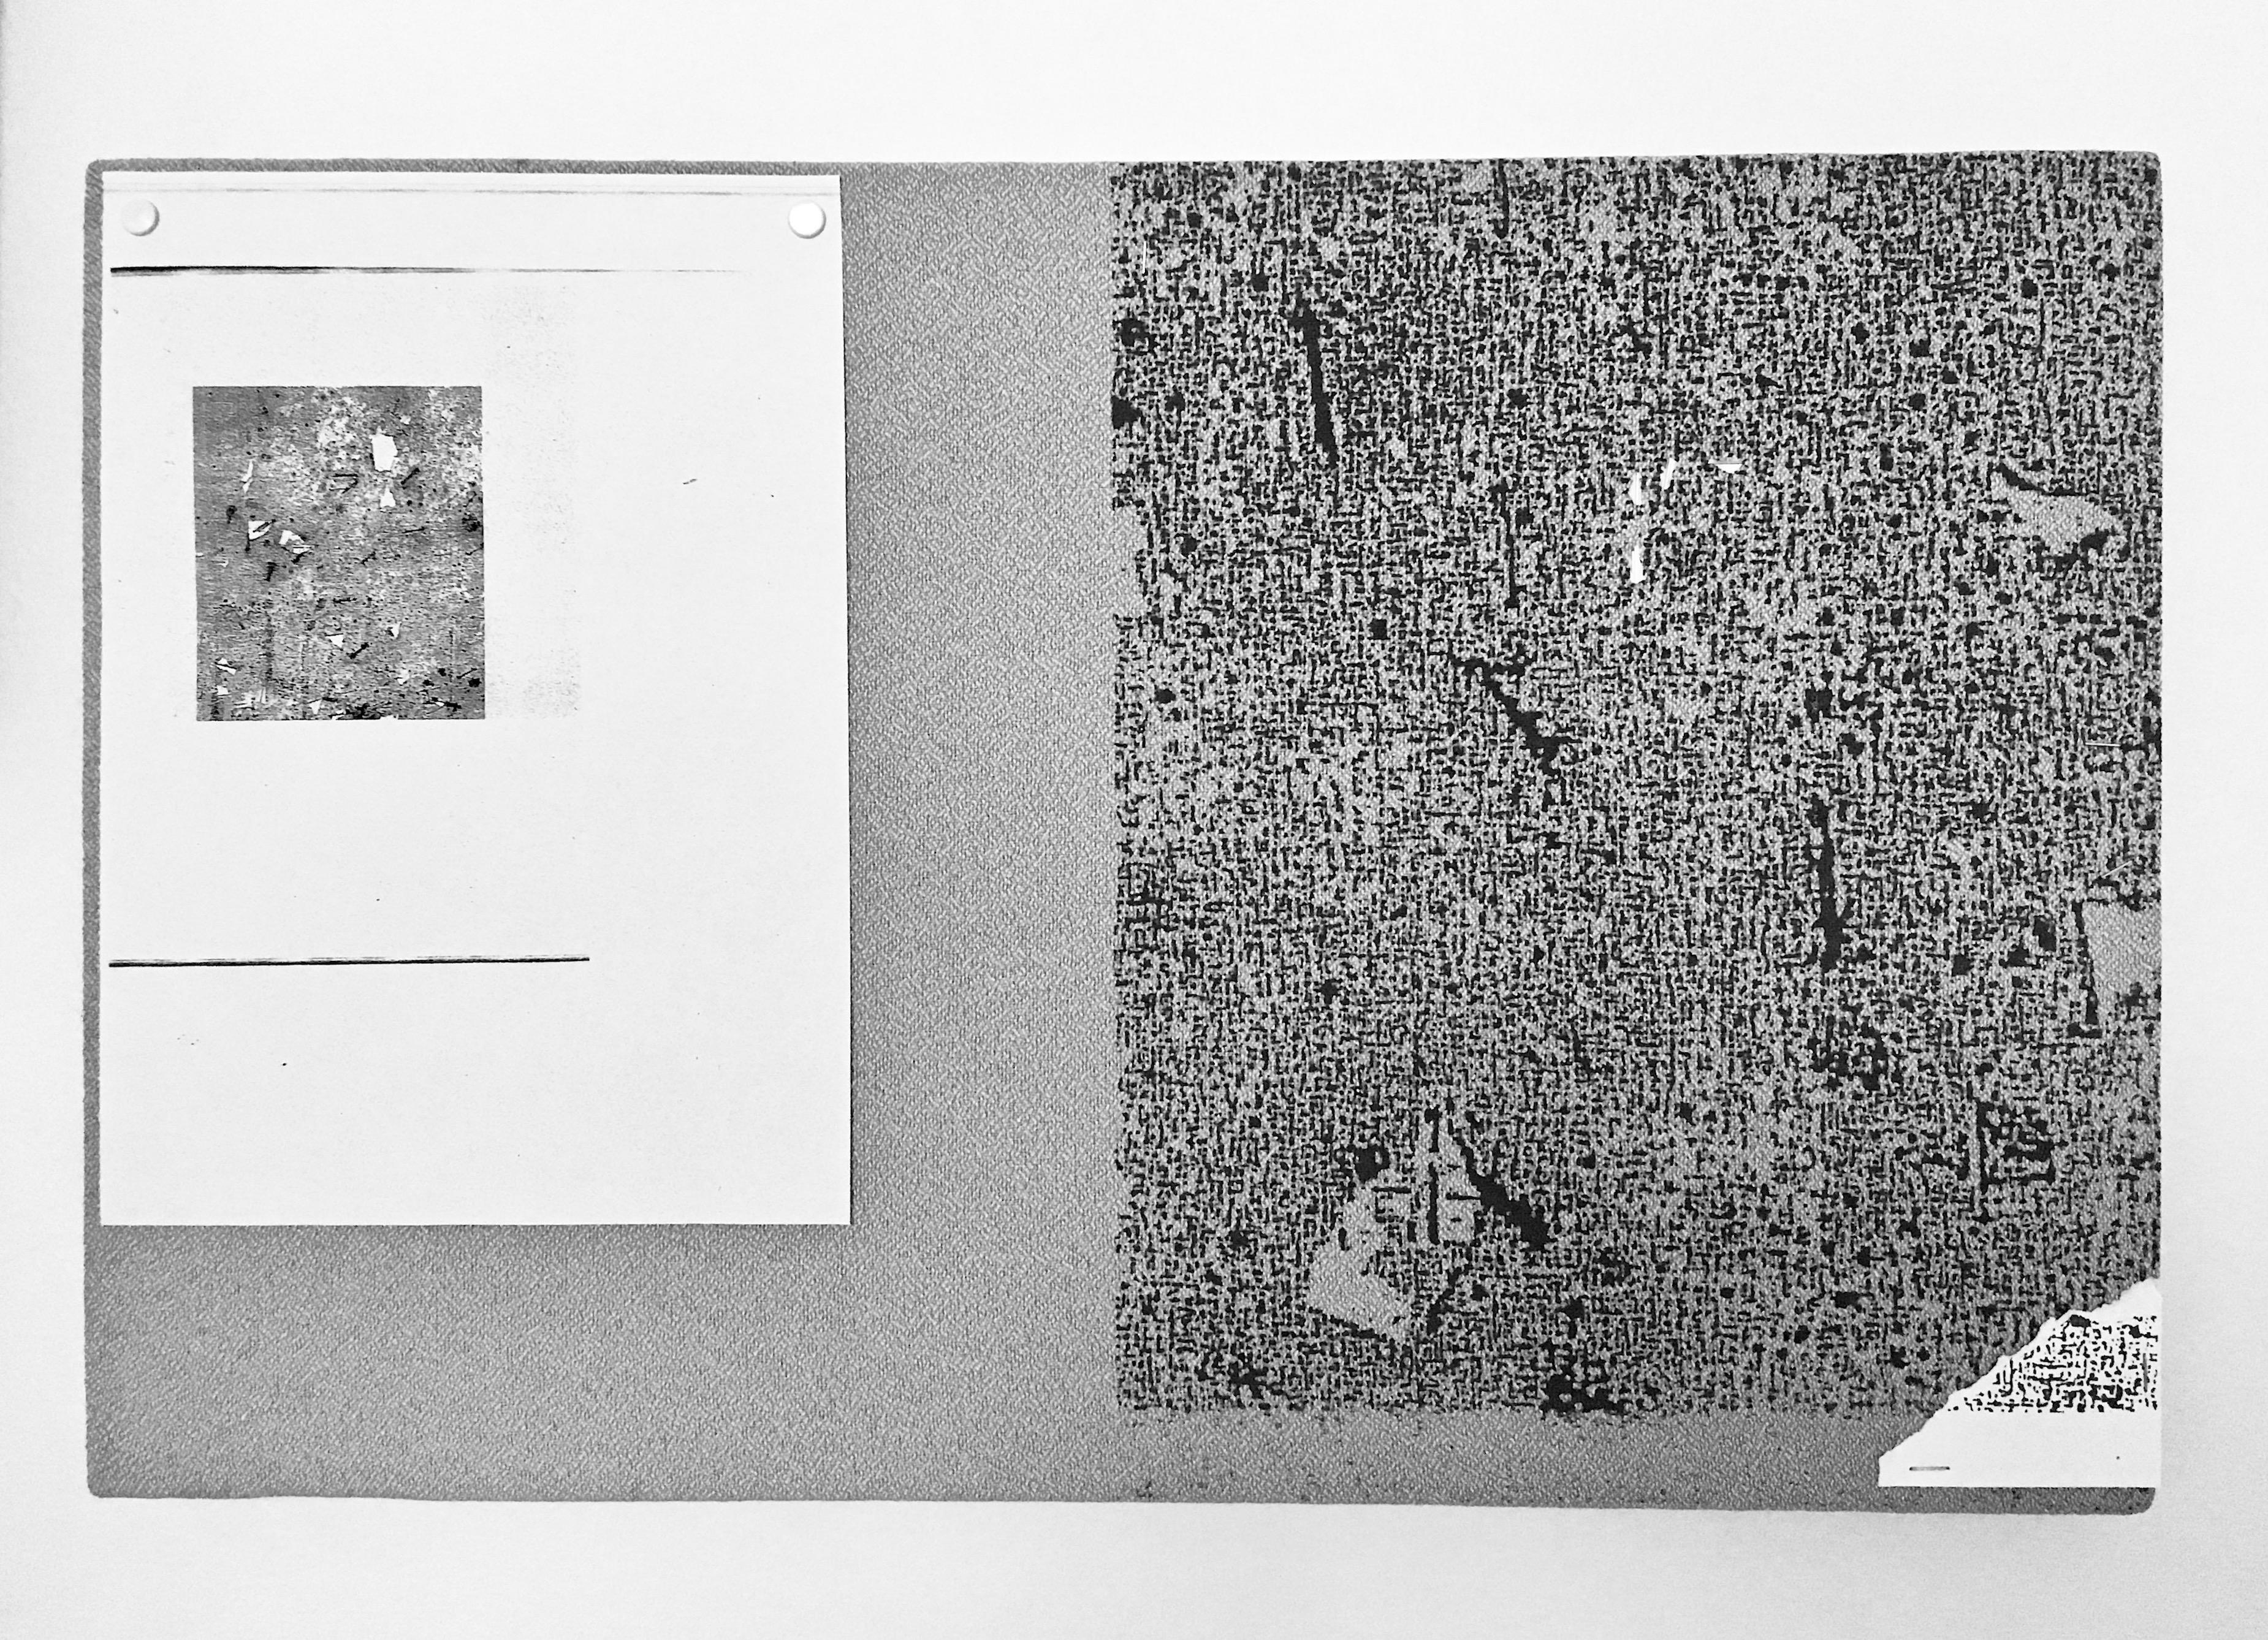 3._Bulletin board on bulletin board 2_60x40_serigraphy,mixed media_2017_Mia Seppälä